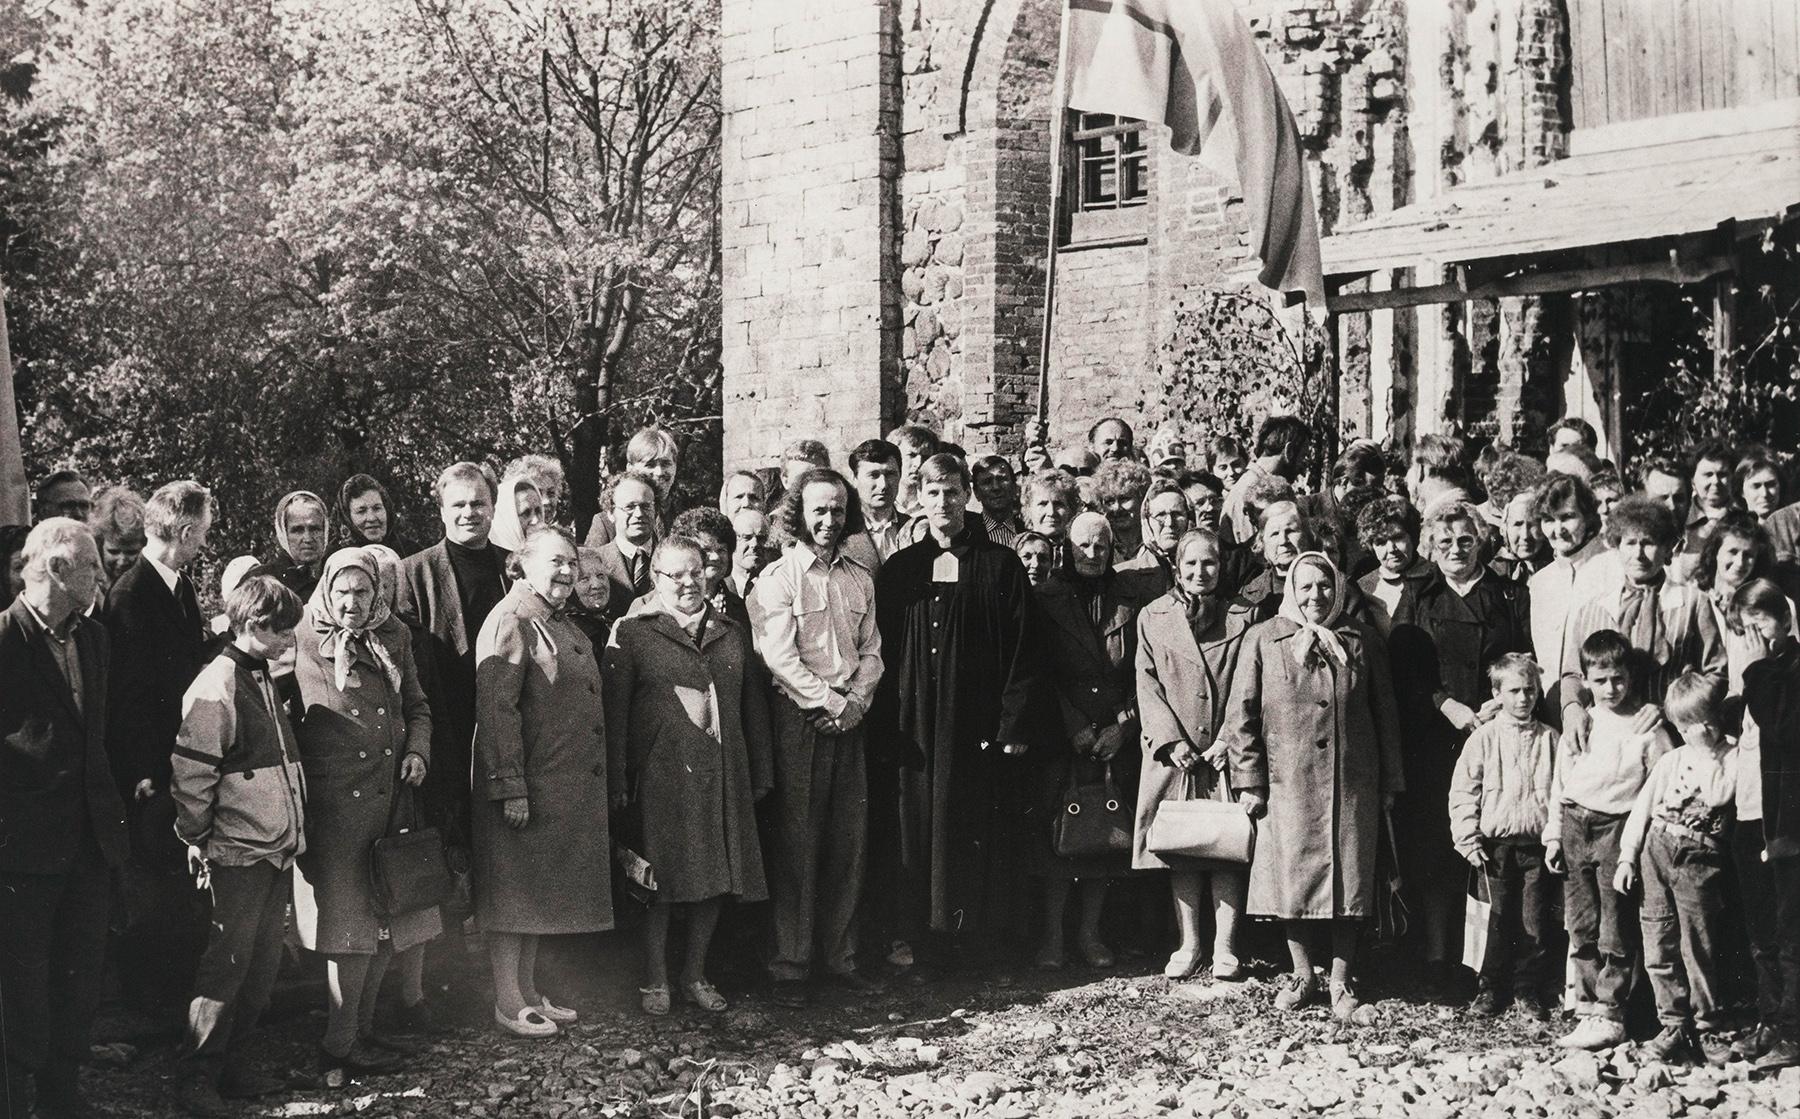 Väkeä Kupanitsan kirkon edessä, vasemmassa reunassa pappi Arvo Survo. SKS KIA, Albert Kirjasen arkisto. CC BY 4.0